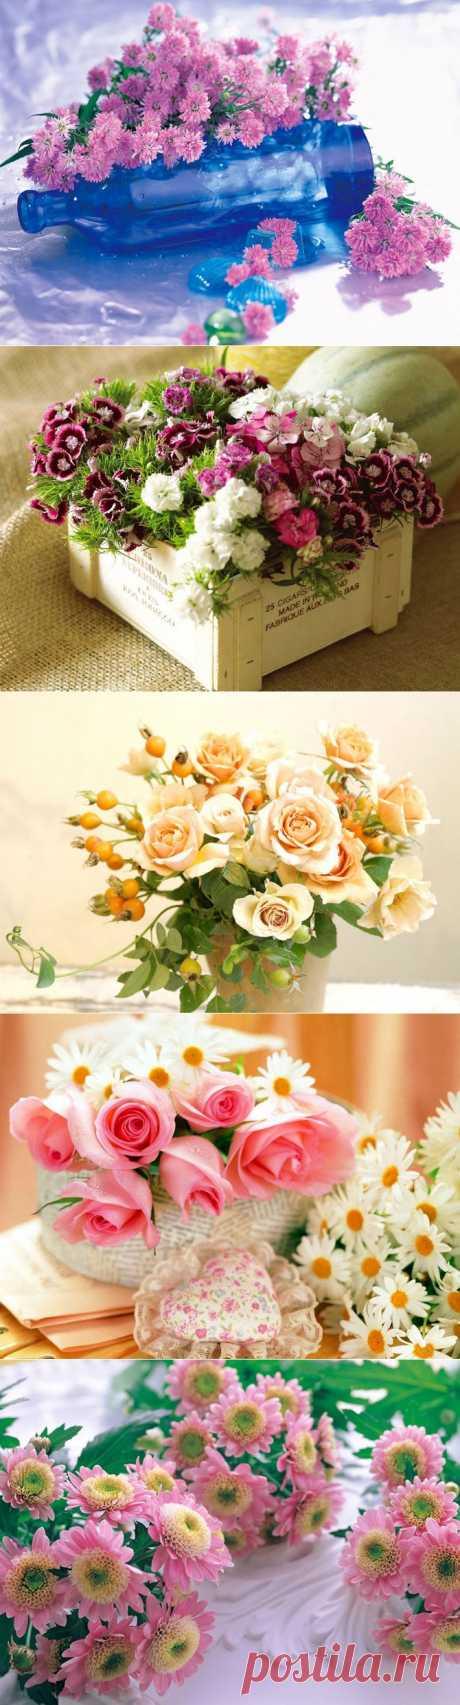 Красивые цветы   Удивительное и смешное в картинках